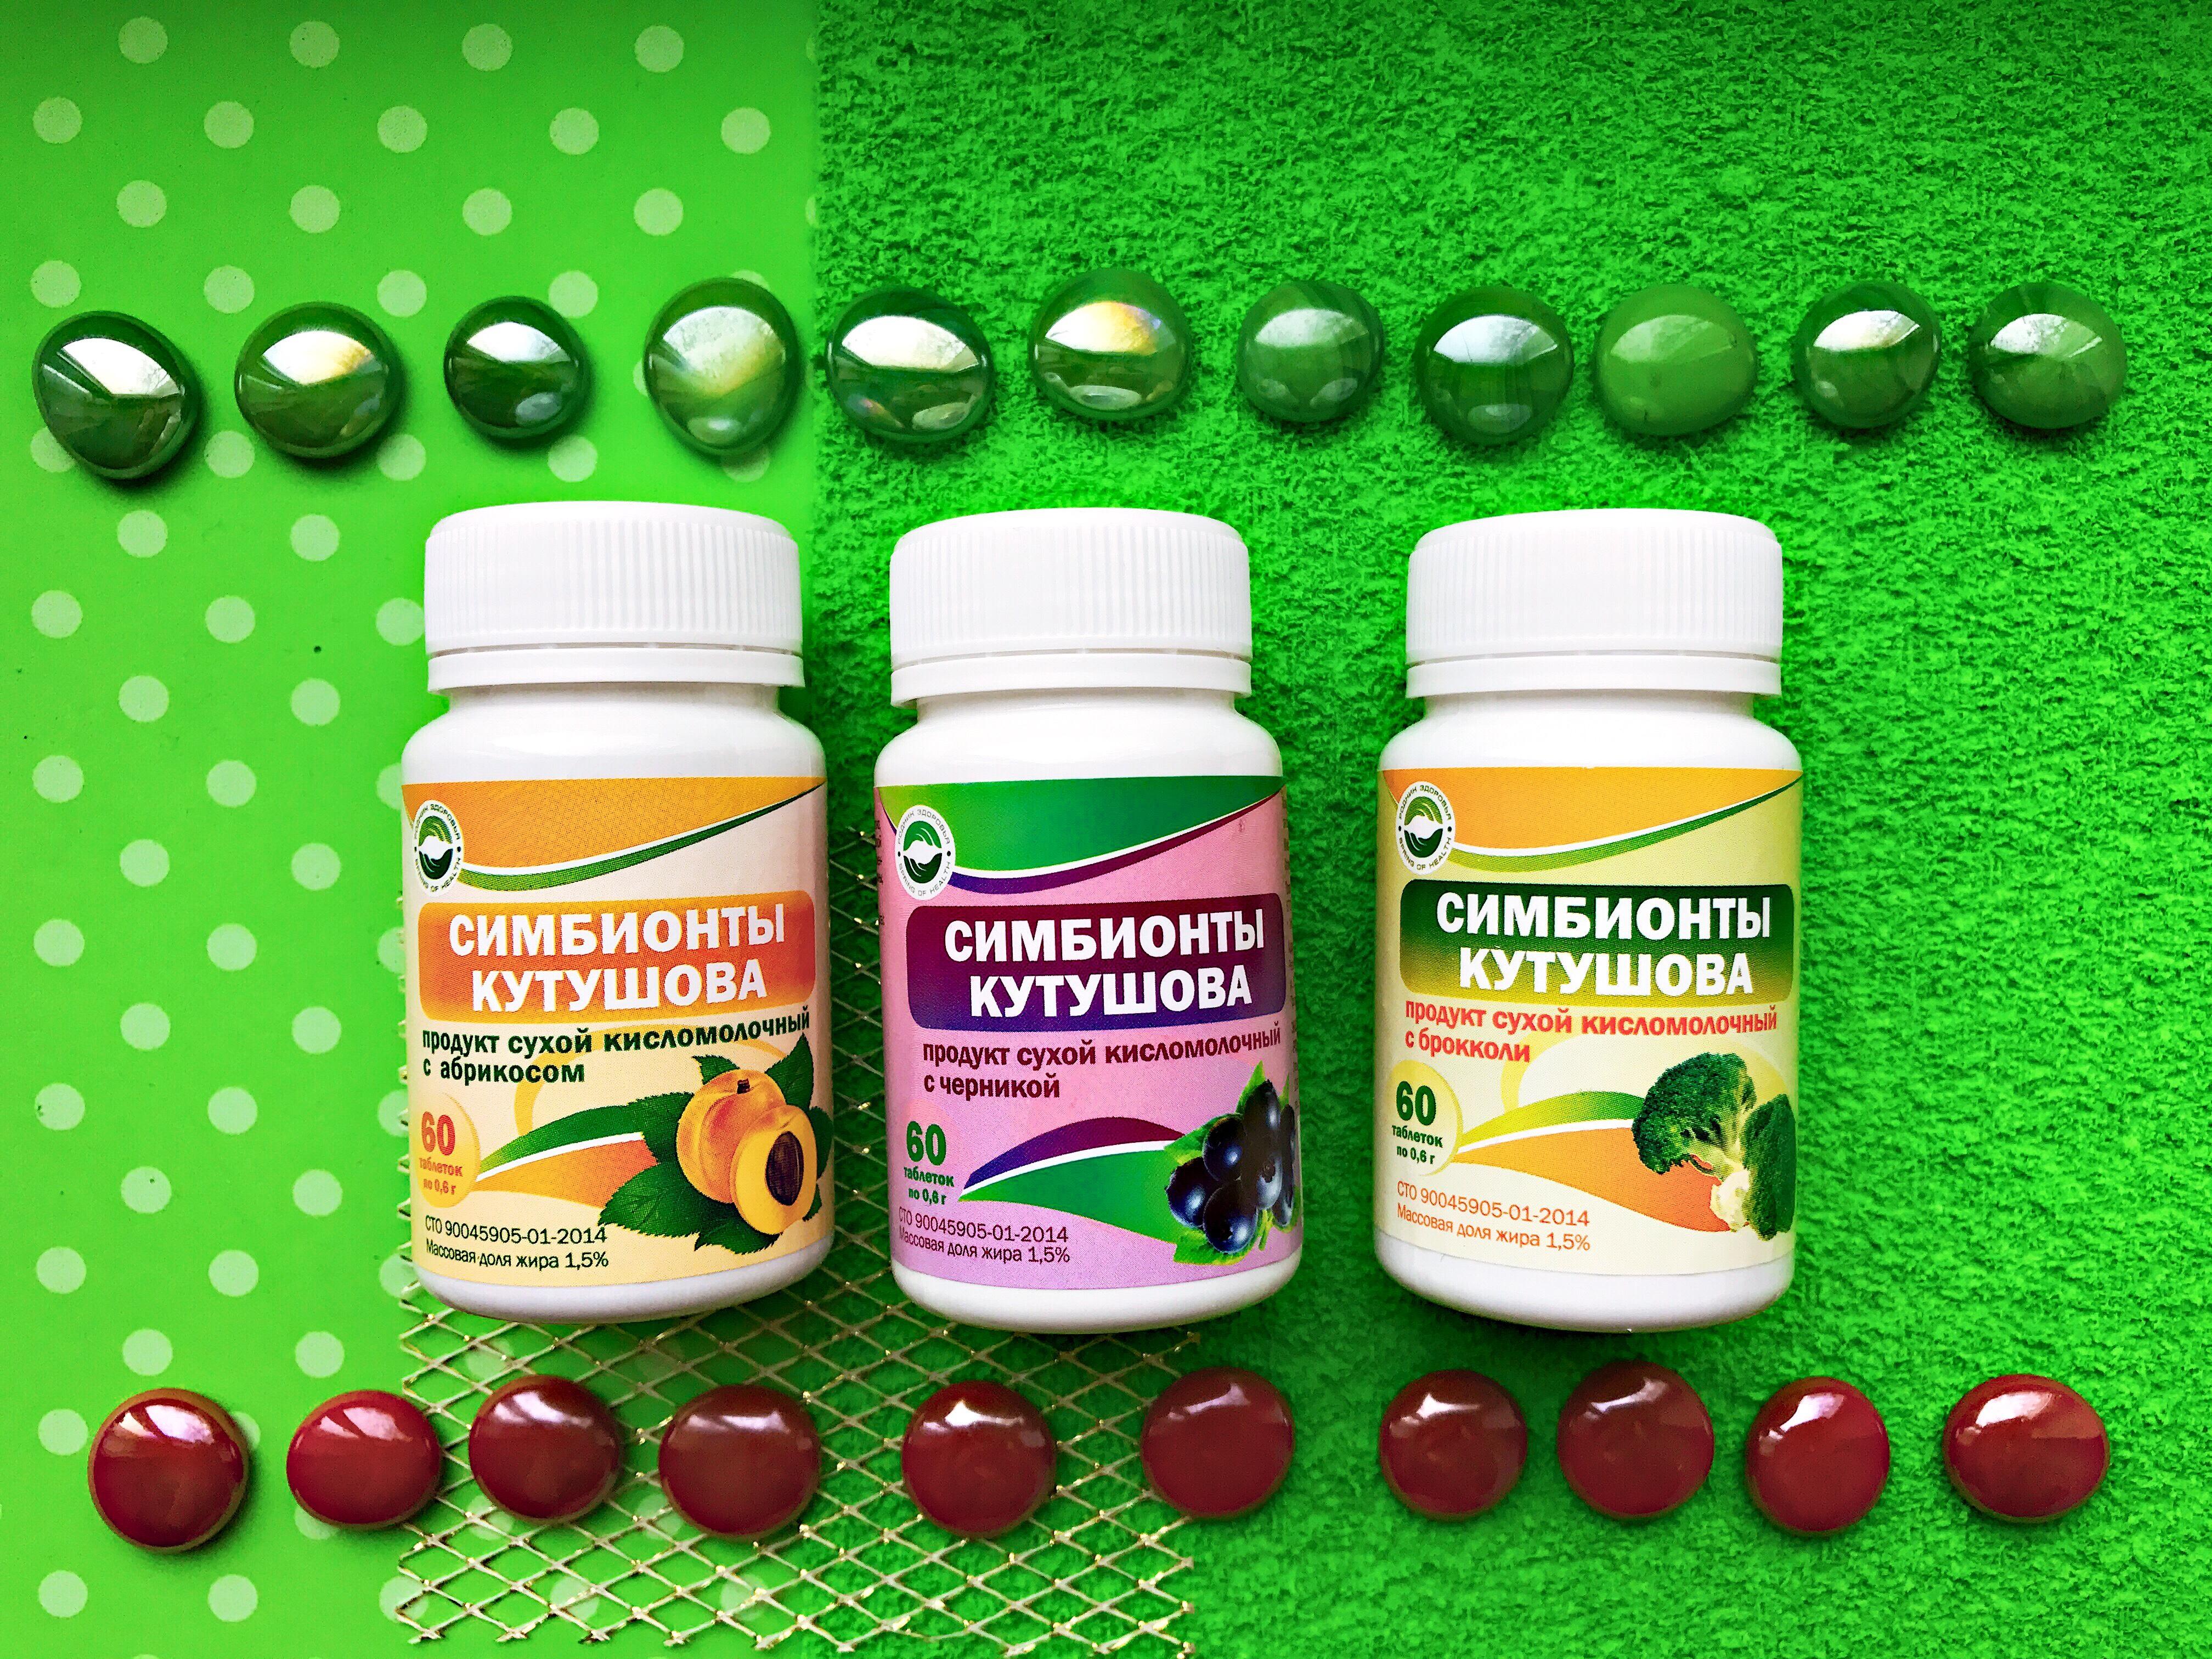 Симбионты Кутушова (пробиотики для утилизации вредной пищи и защиты организма)